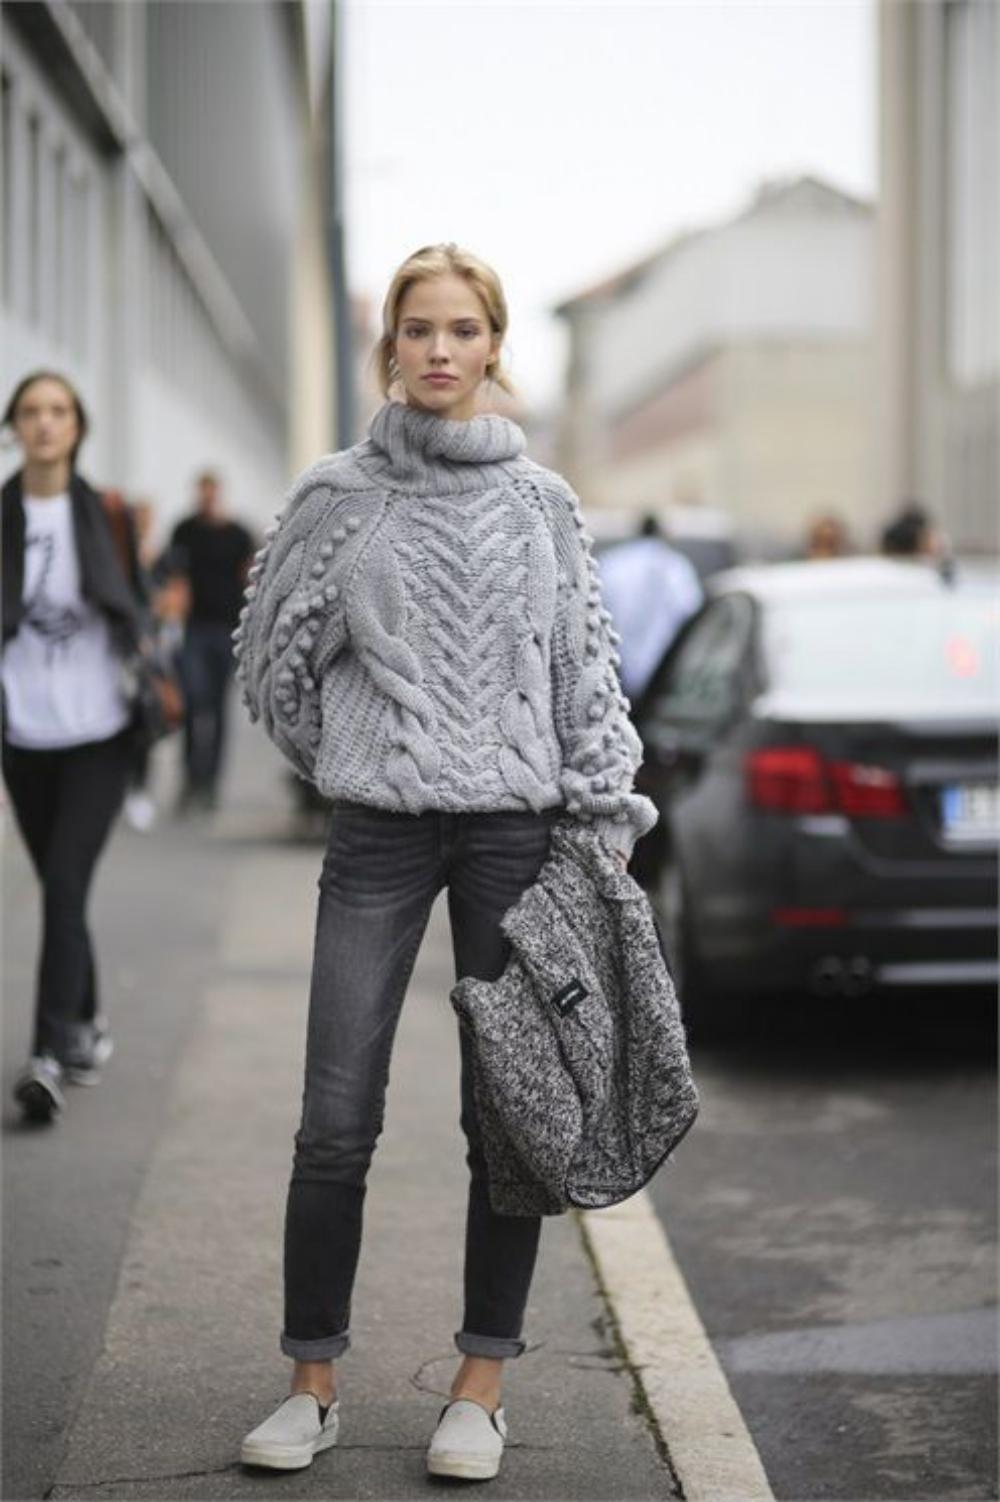 Узкие серые джинсы с объемным серым свитером - модный наряд 2017 года